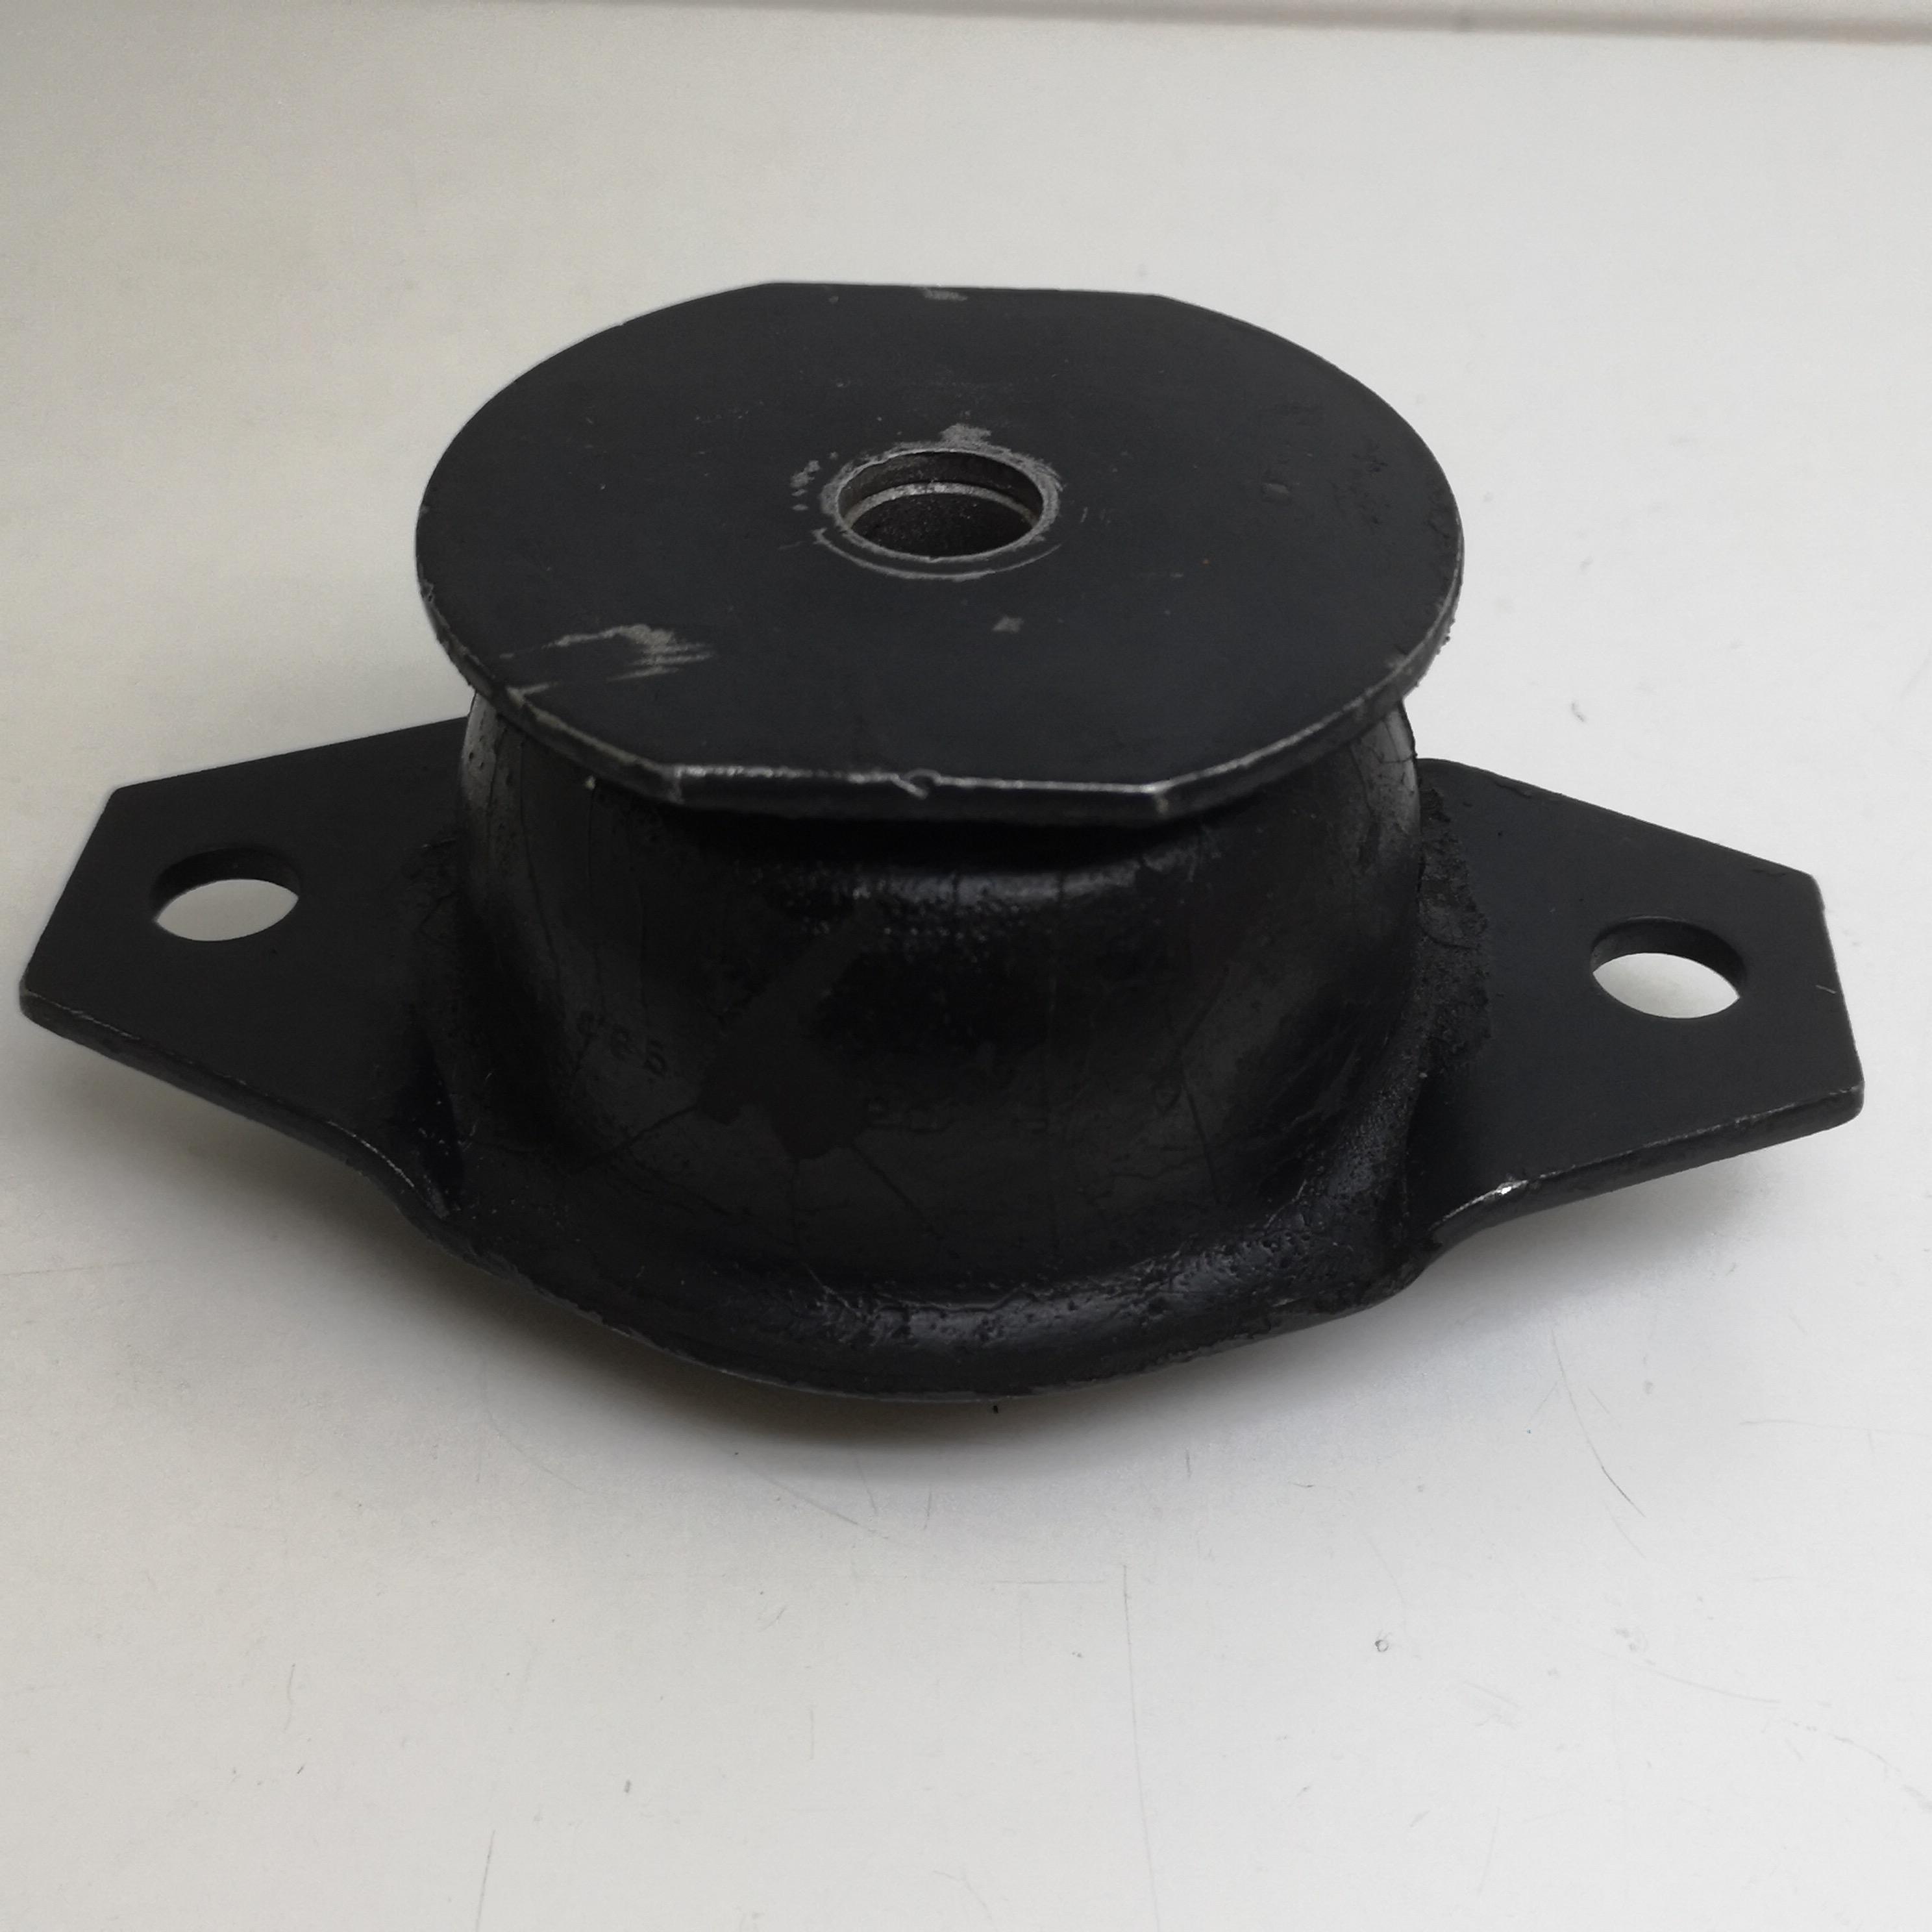 SUPPORTO ANTERIORE MOTORE FIAT UNO  1.0 1.1 1.3 Turbo 1.4 TURBO OE  5974777